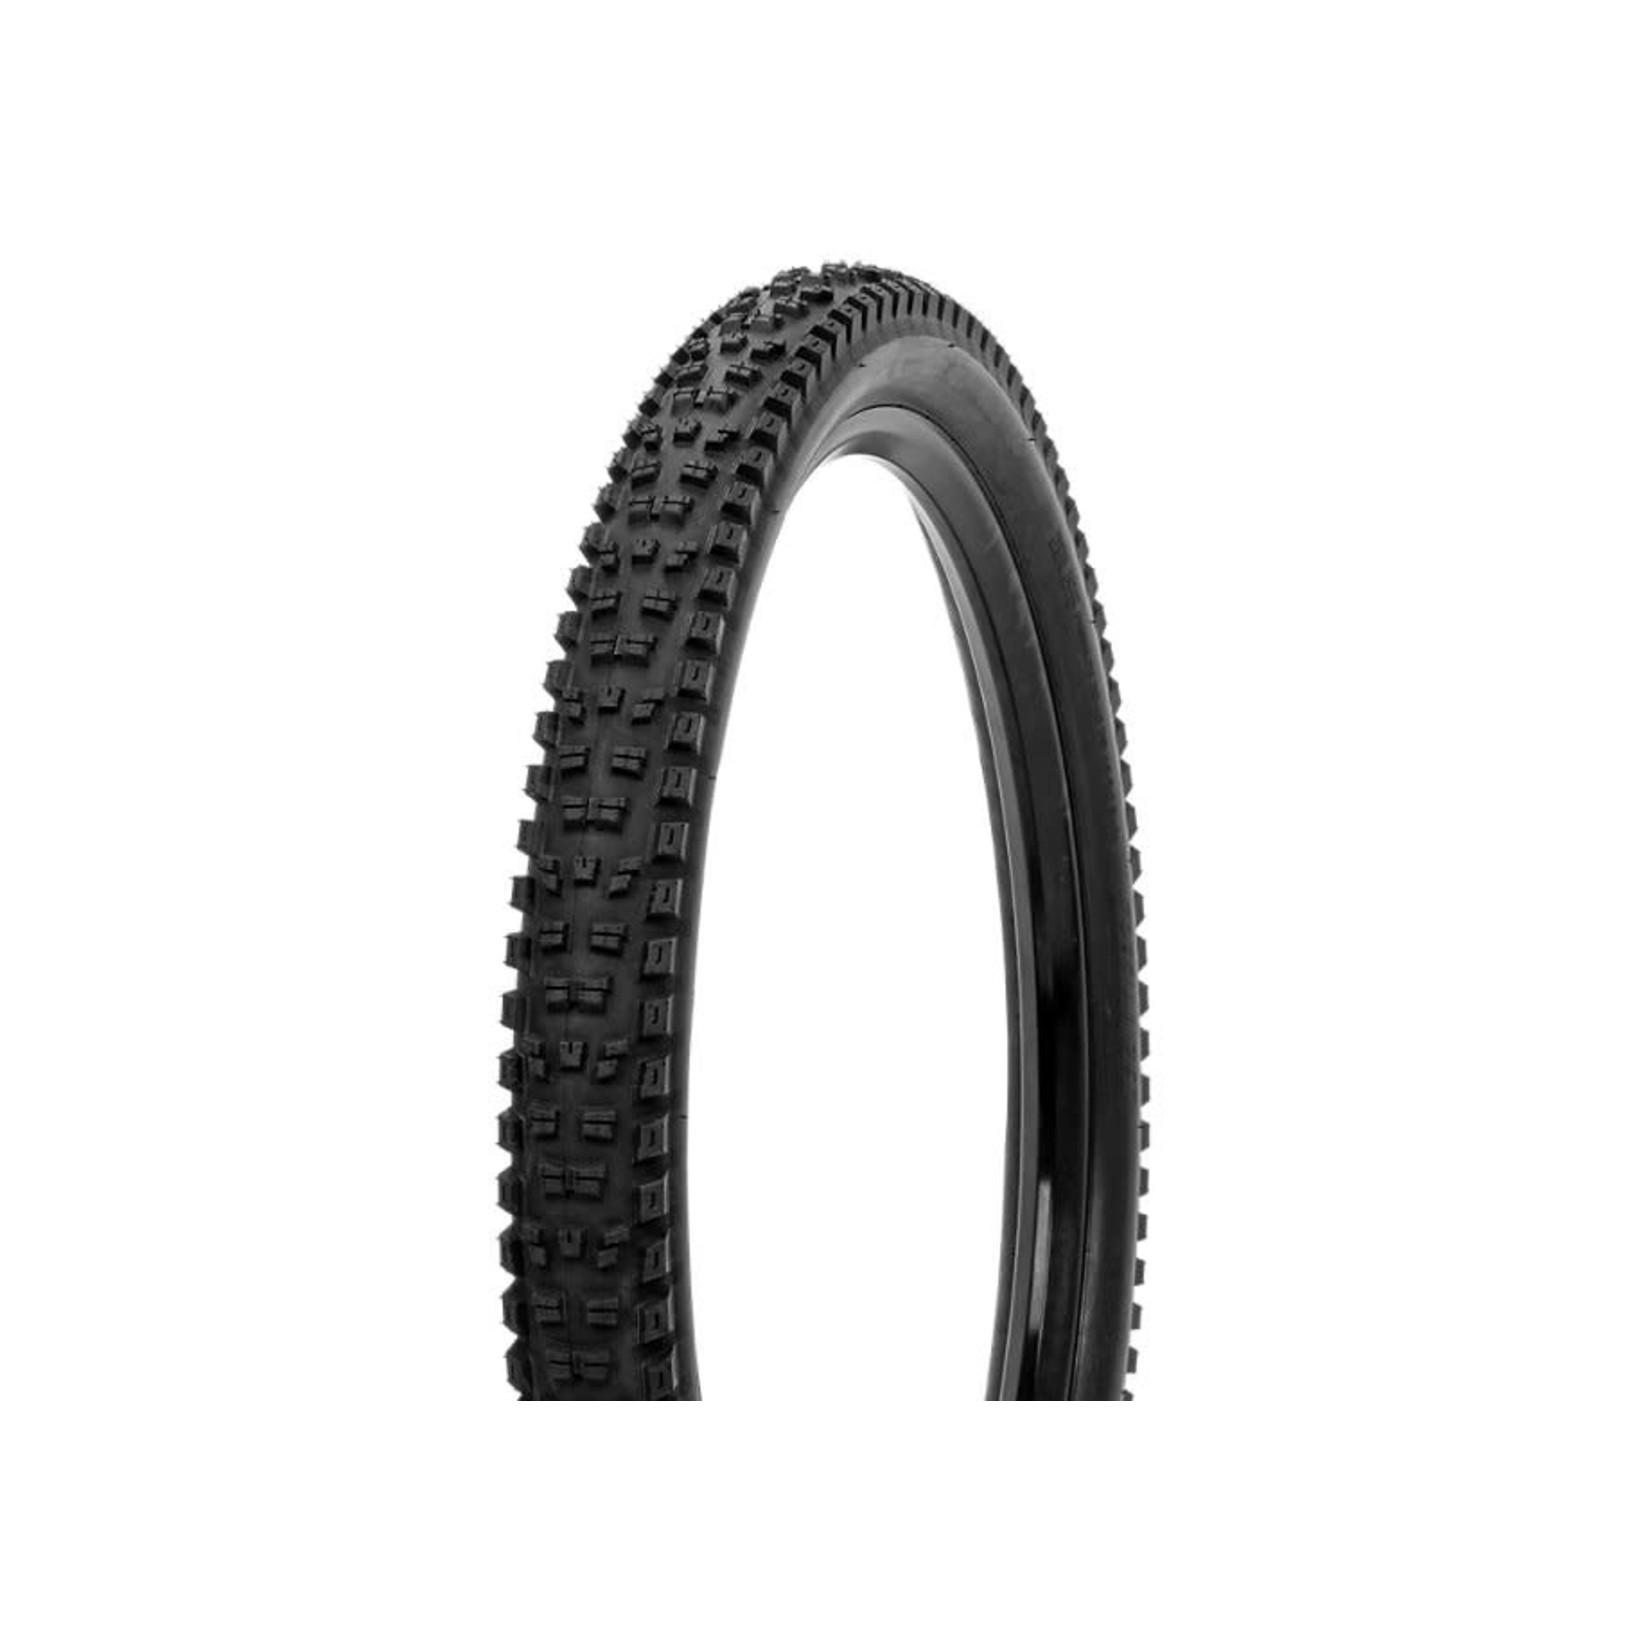 Specialized Specialized Eliminator Folding Bead Tire 650B x 2.3